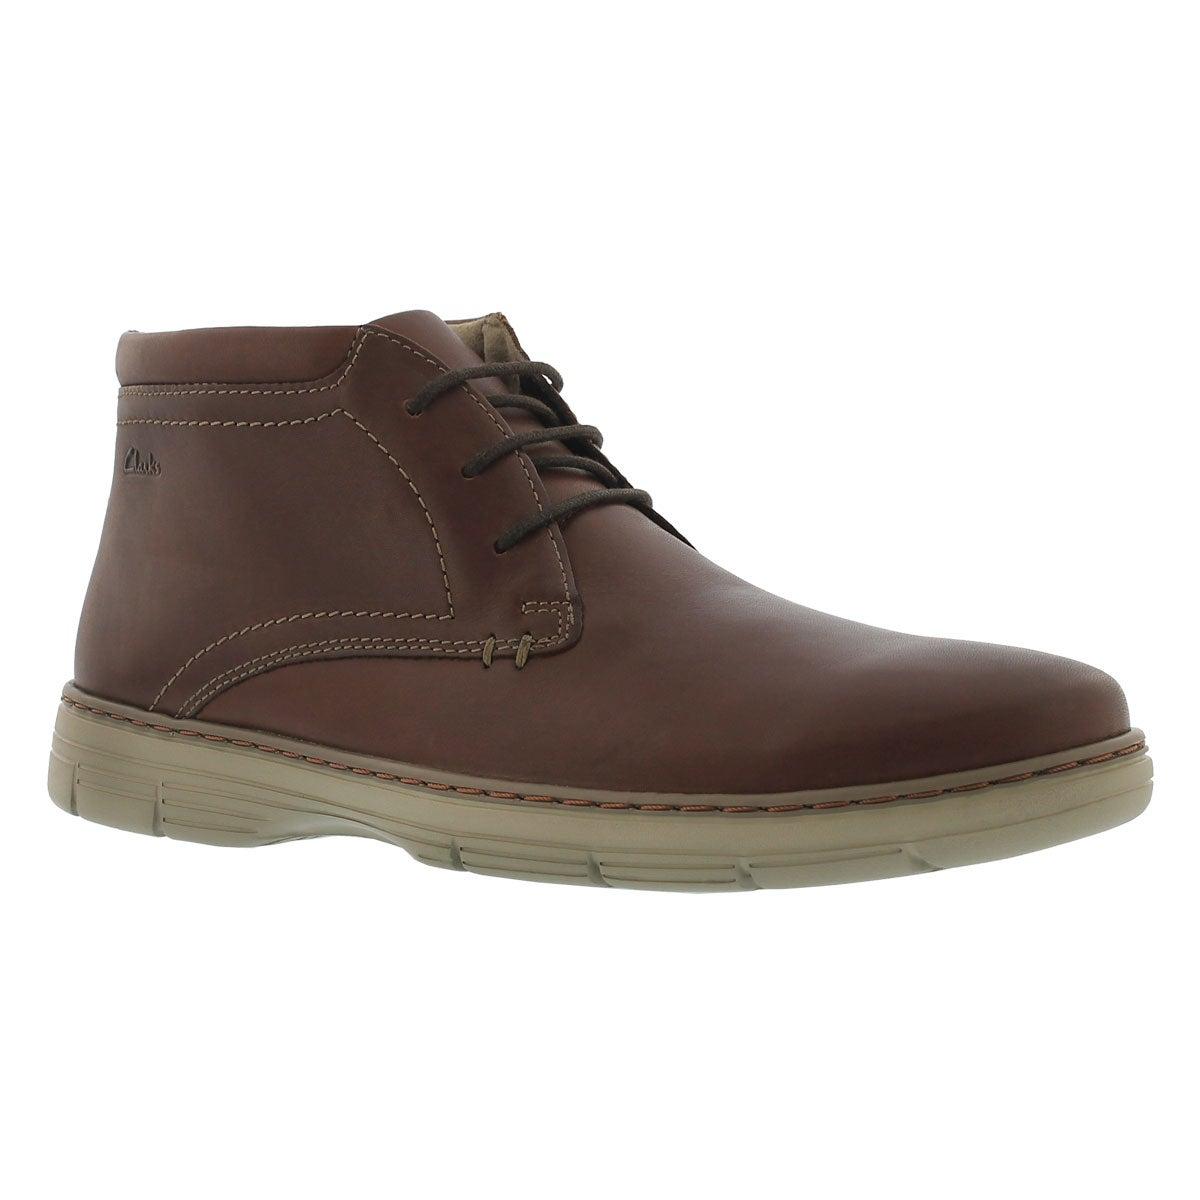 Mns Watts Mid brown chukka boot